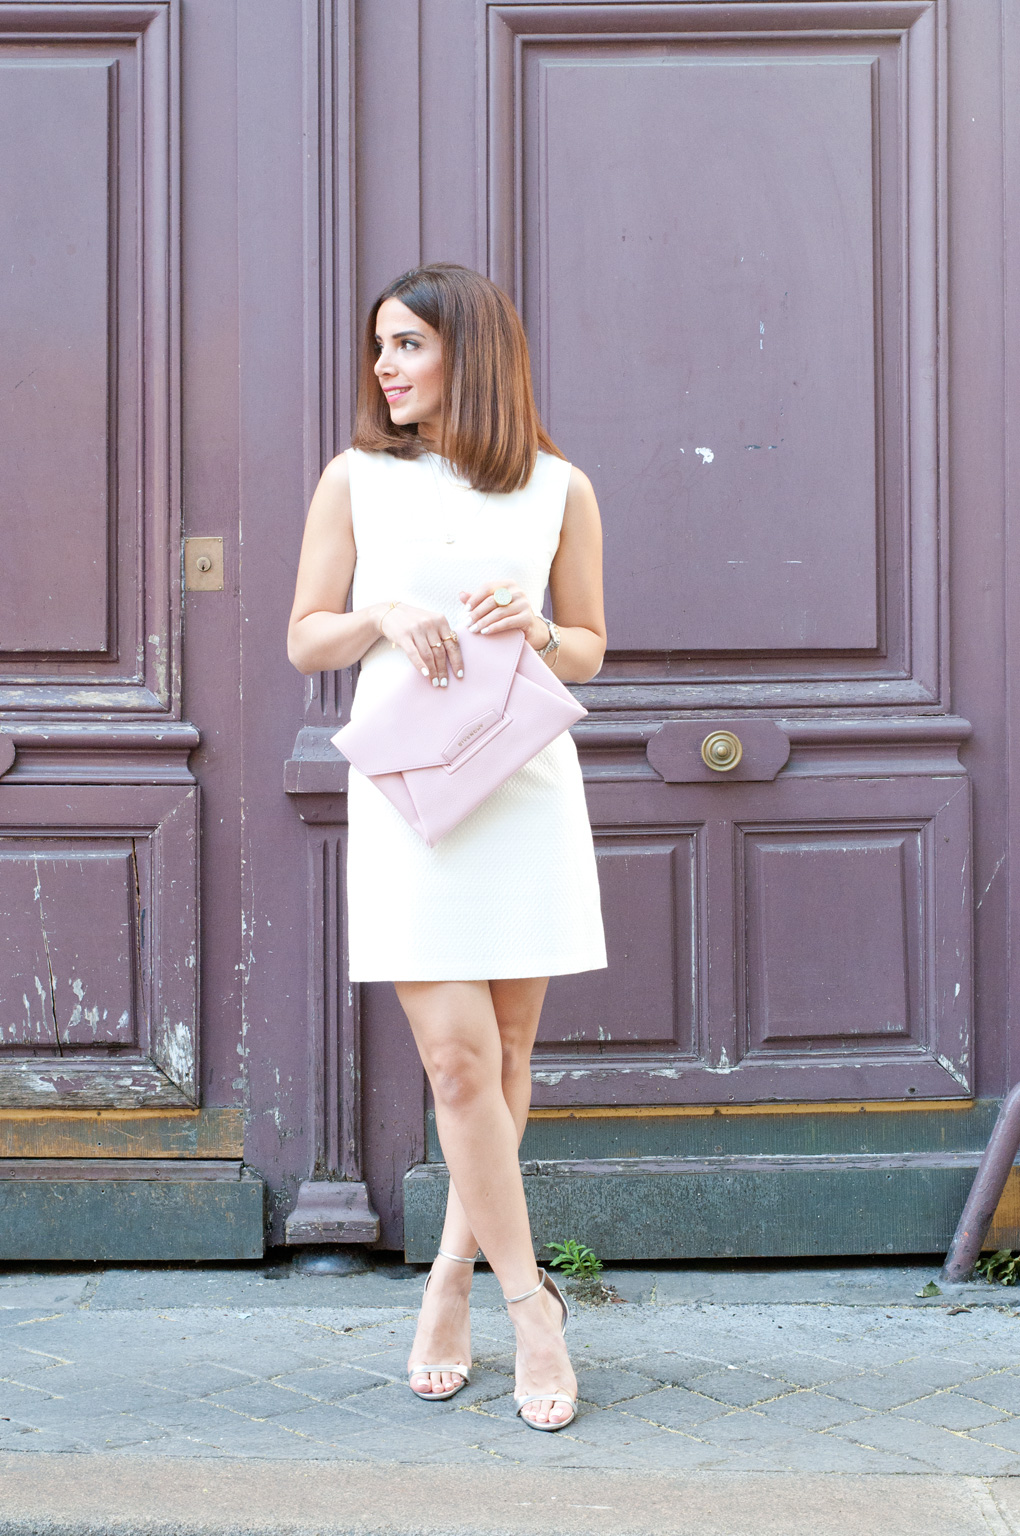 Lyla_Loves_Fashion_phillip_lim_givenchy_clutch_paris_5739